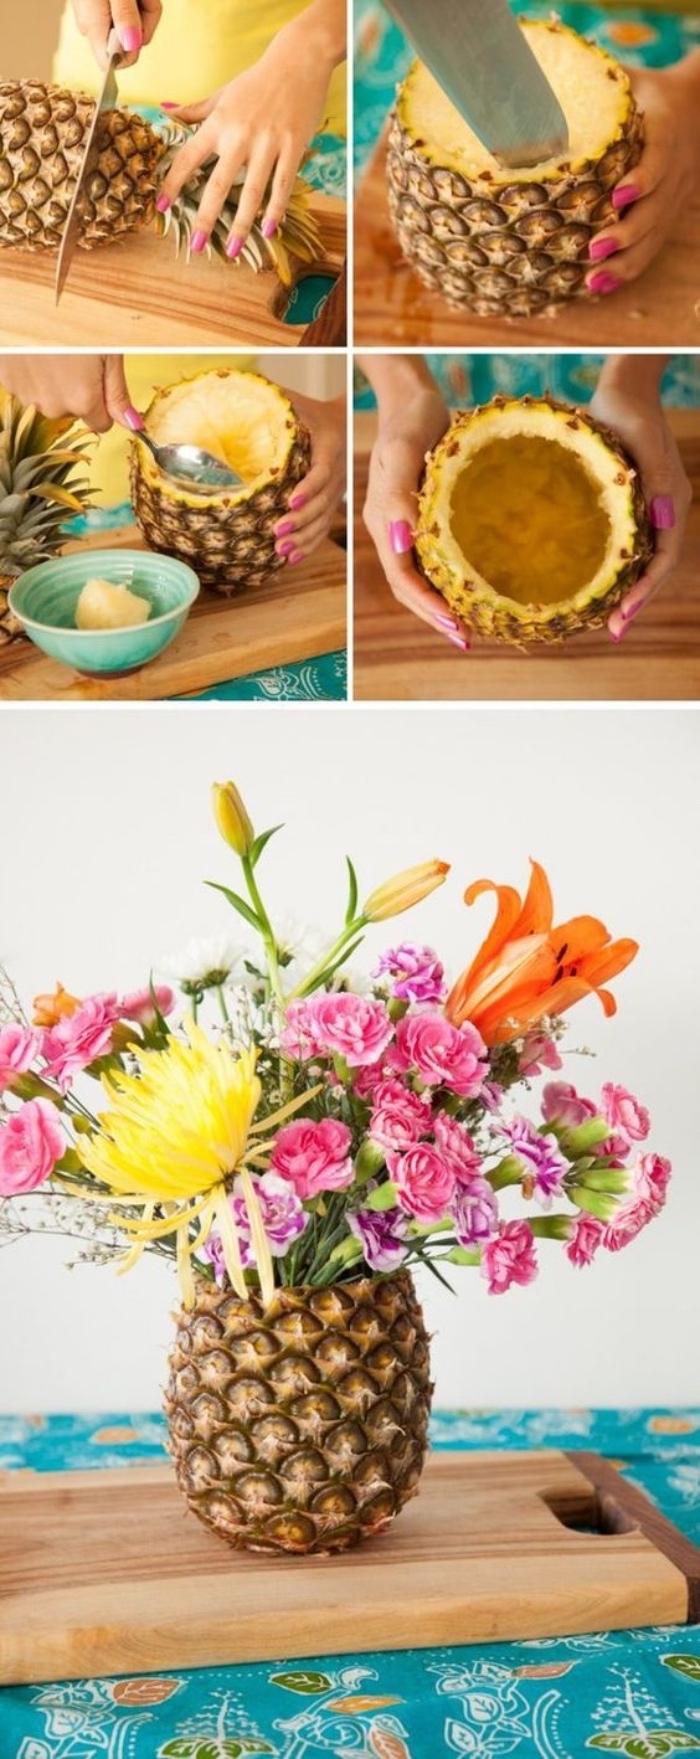 comment évider un ananas avec uen cuillère, bricolage facile un vase de fleur diy dans un fruit tropical, bouquet de fleurs, centre de table exotique